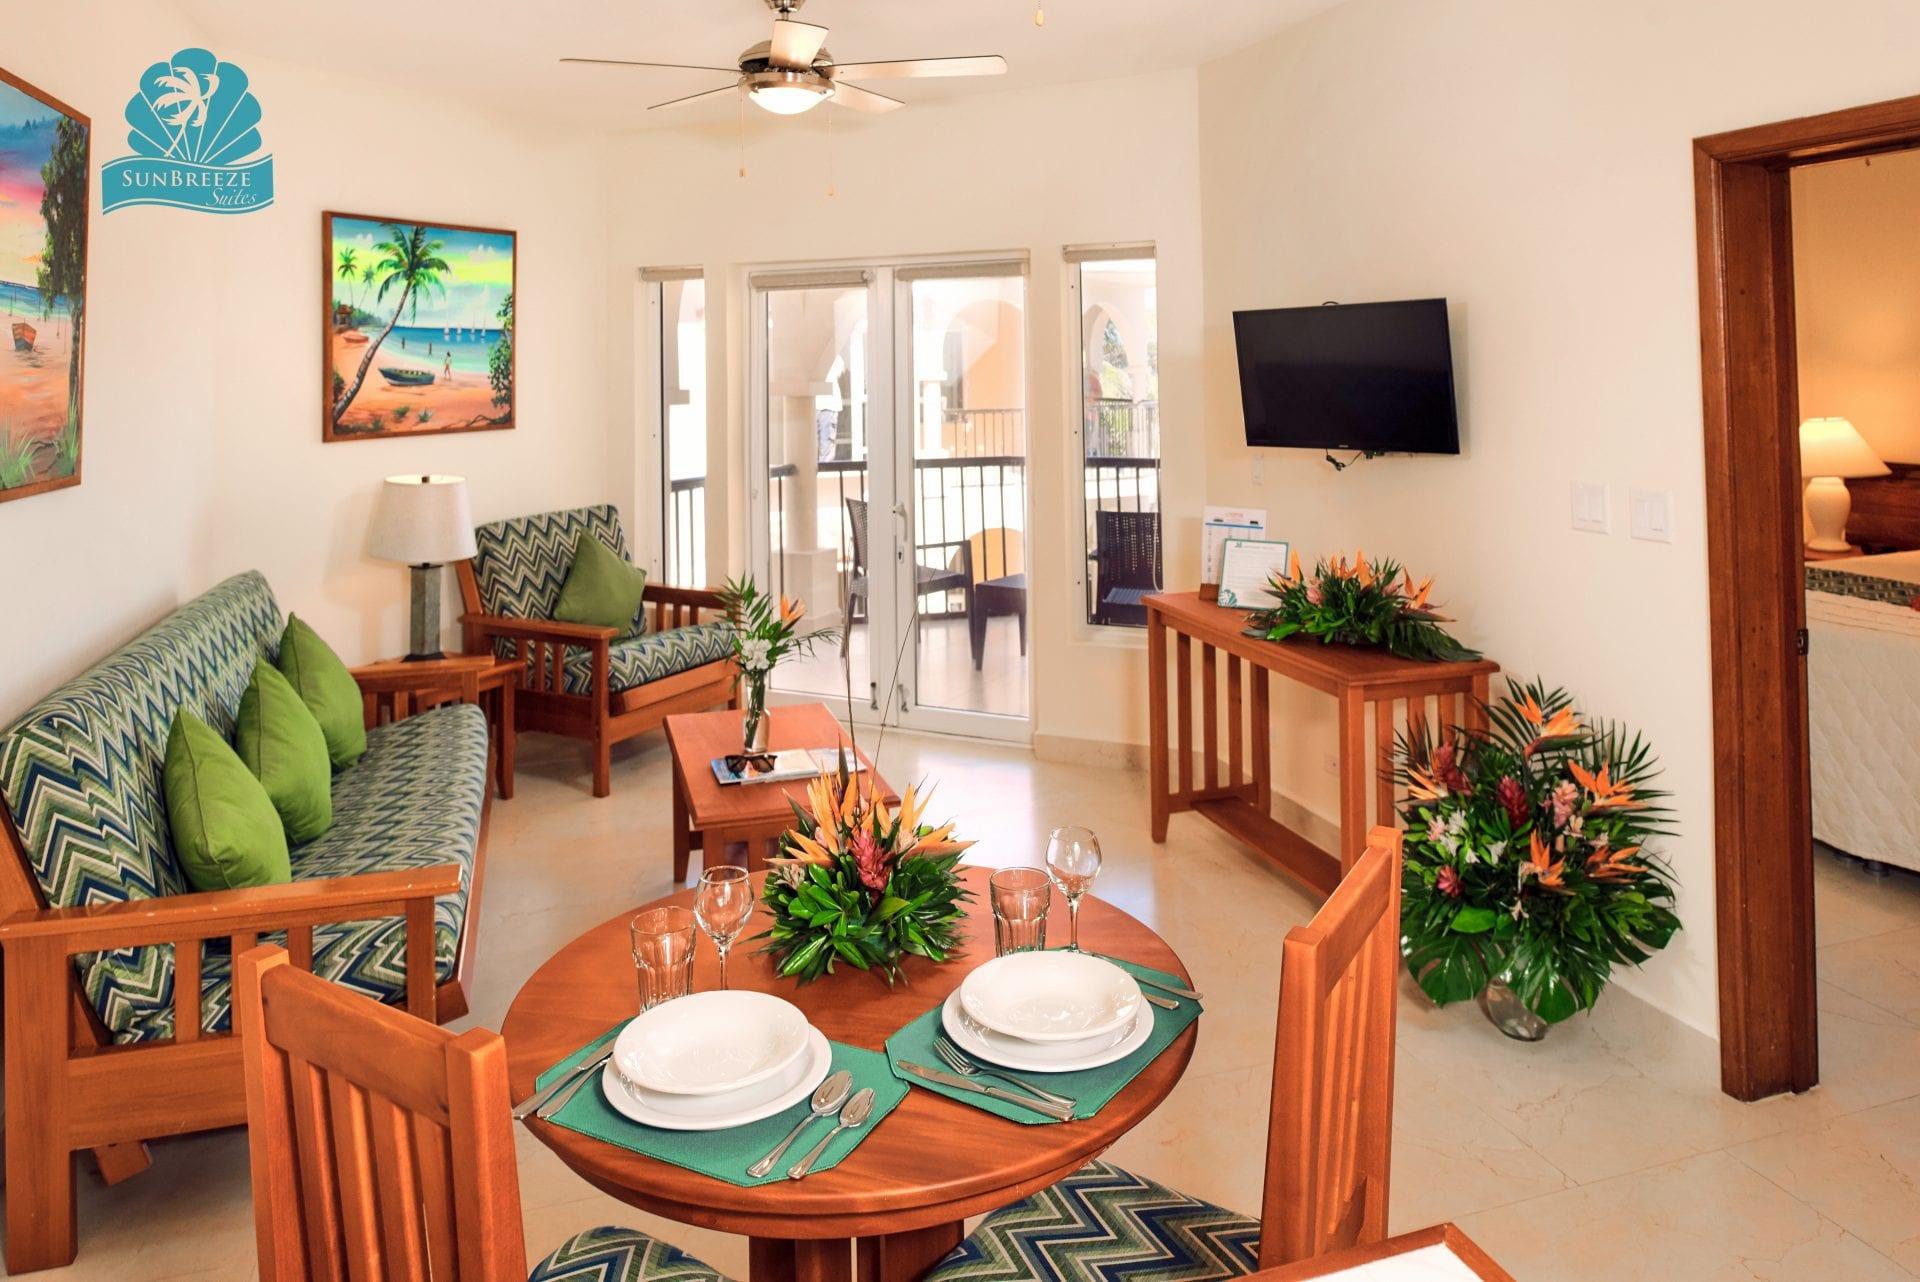 sunbreeze-suites-room